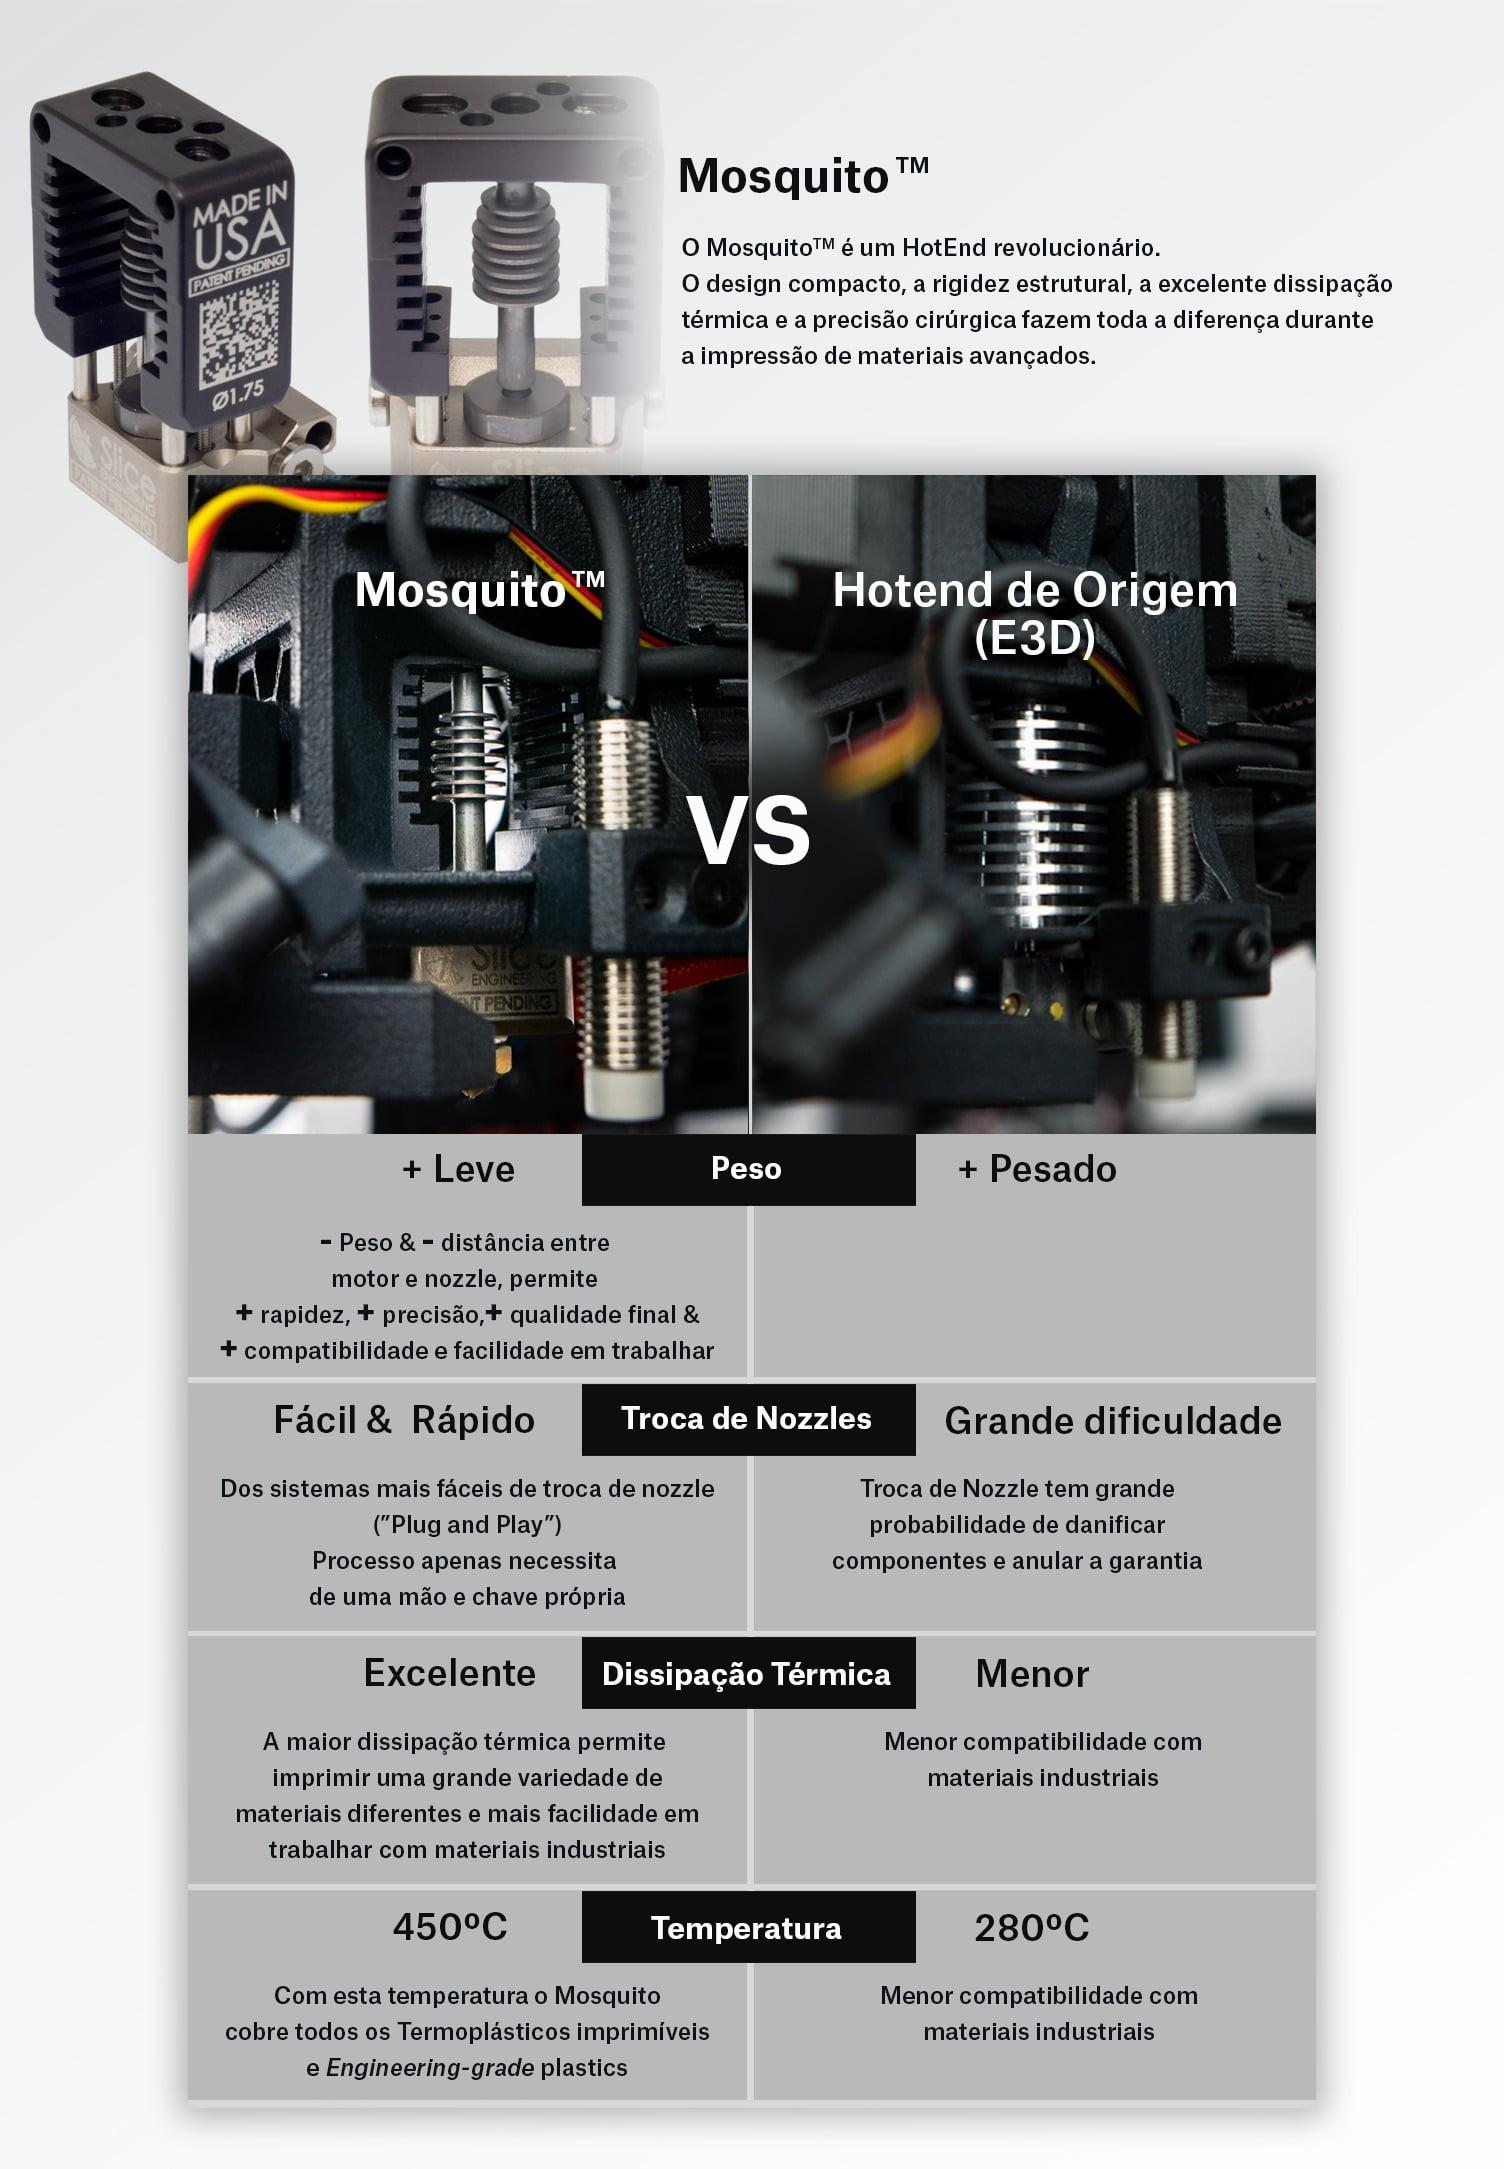 Comparação do hotend Mosquito com o E3D presente originalmente na Prusa i3 MK3s